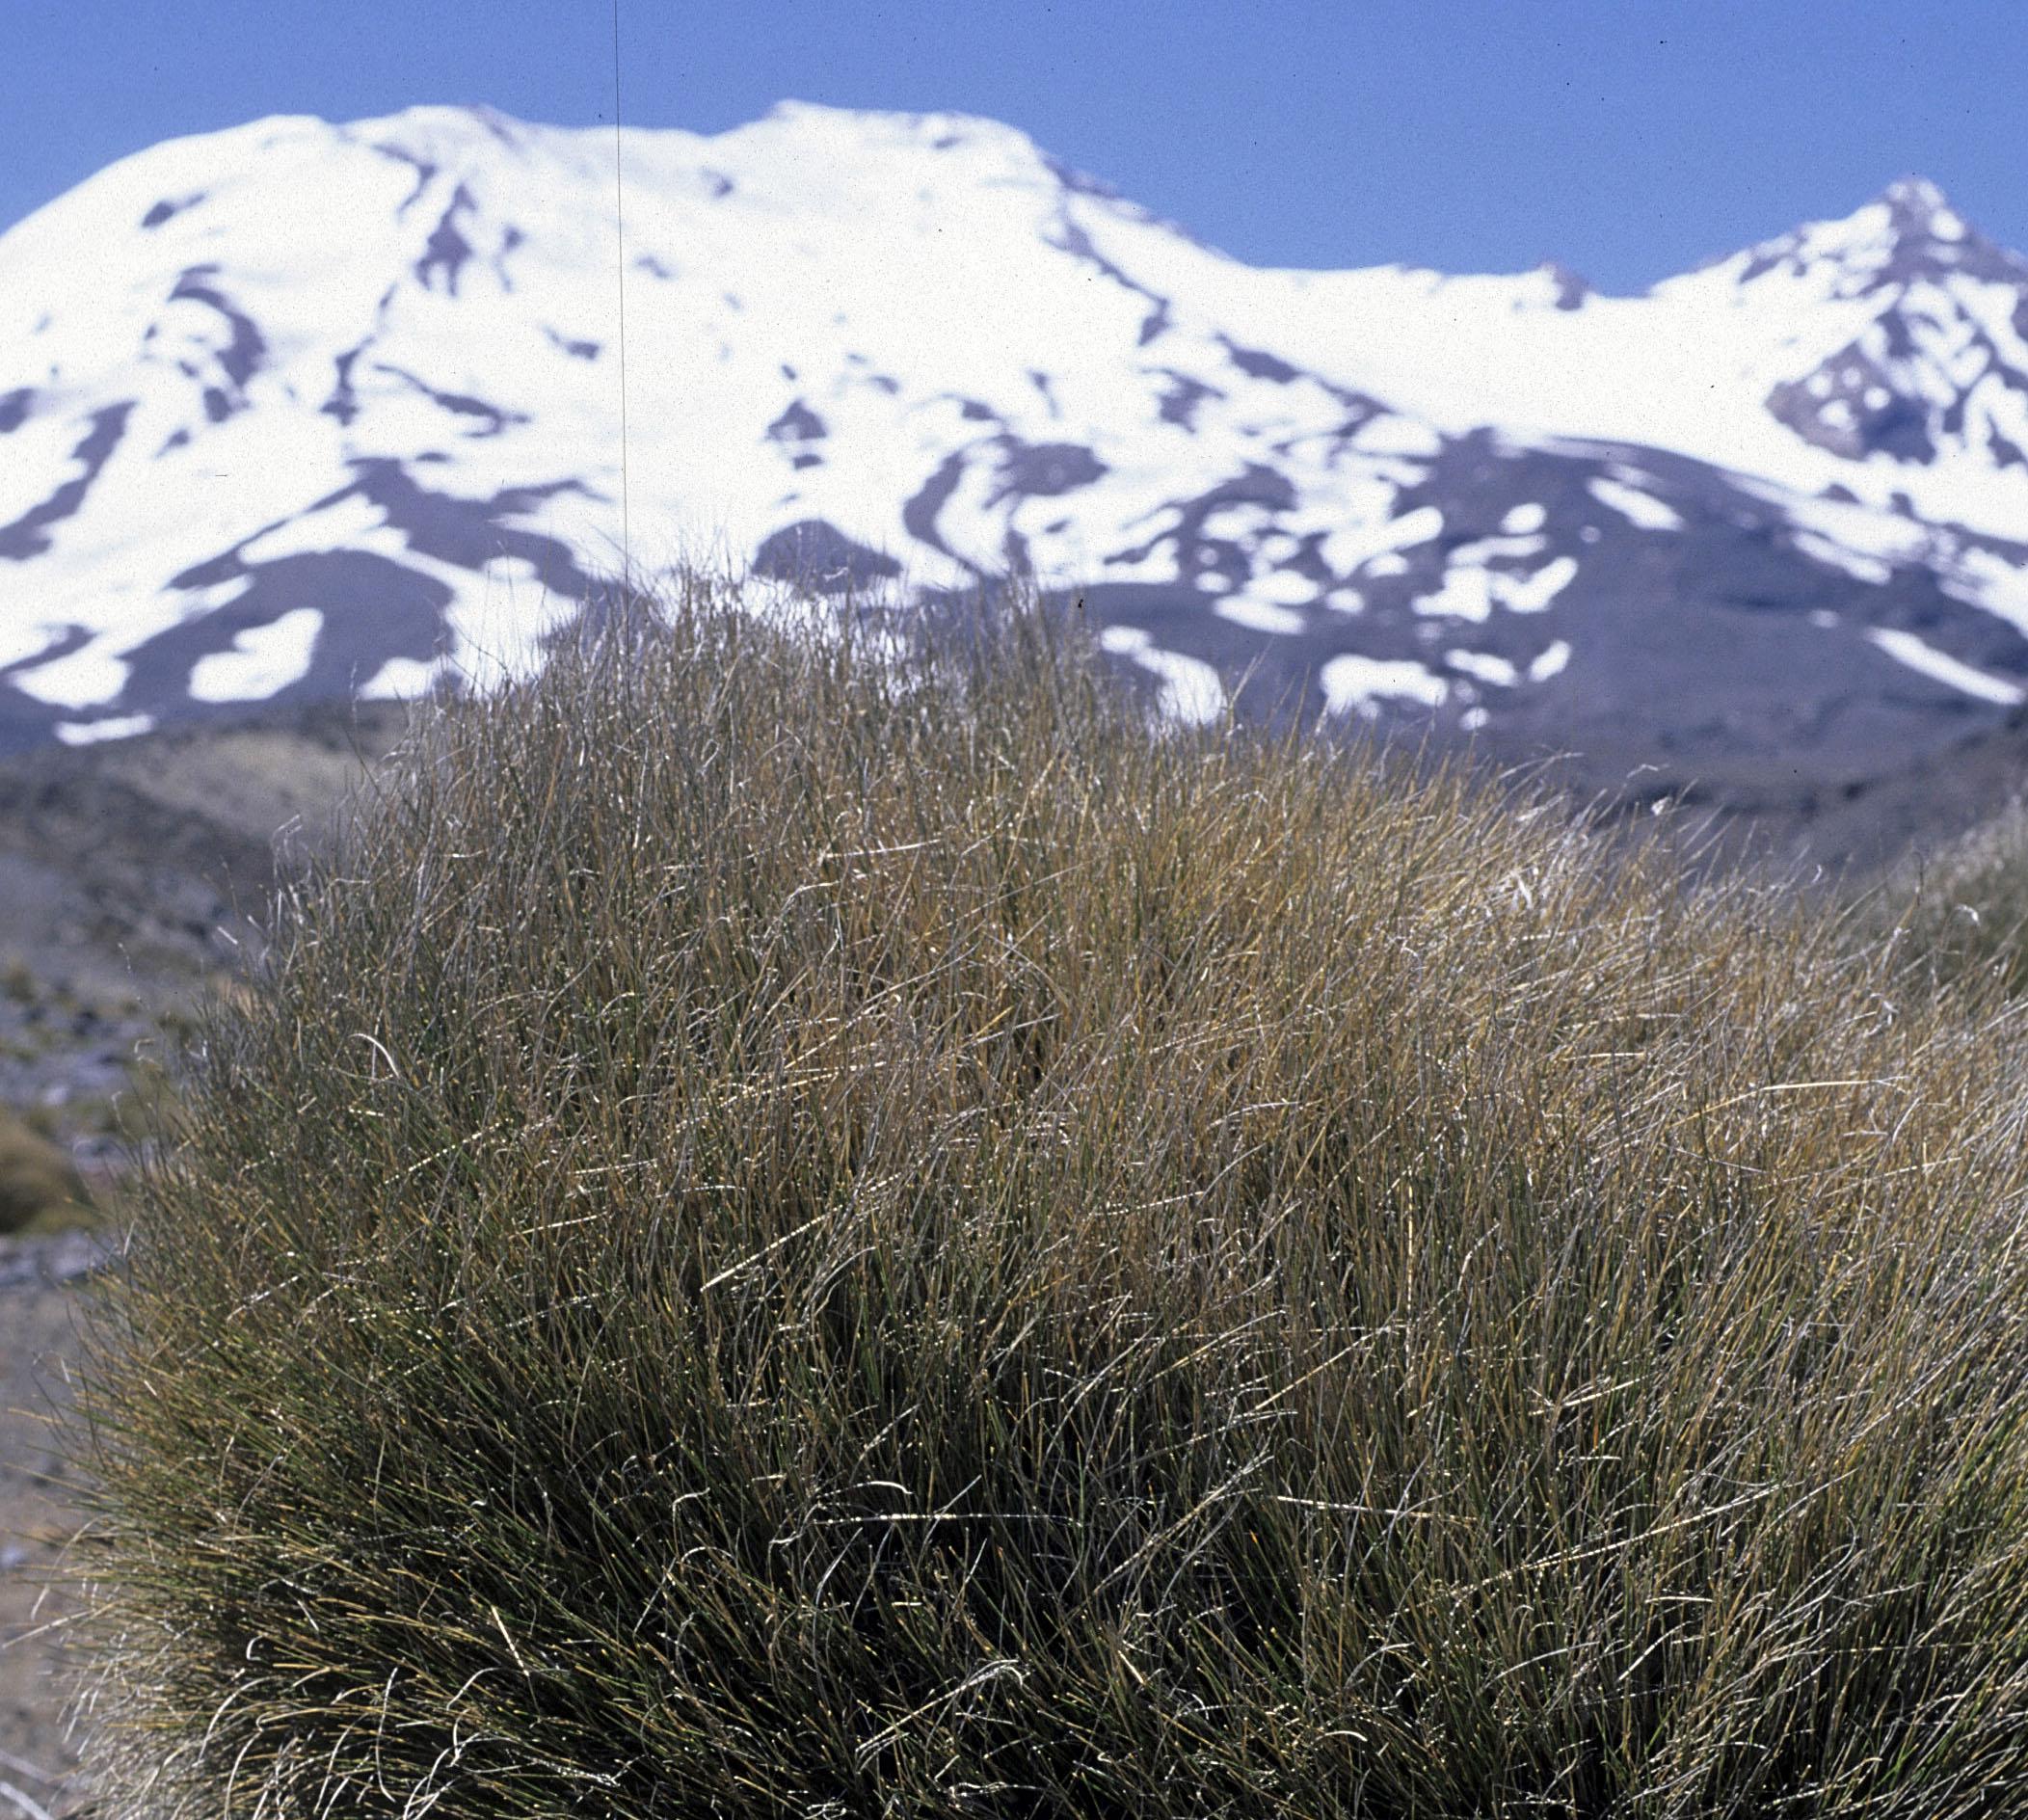 Rytidosperma setifolia?